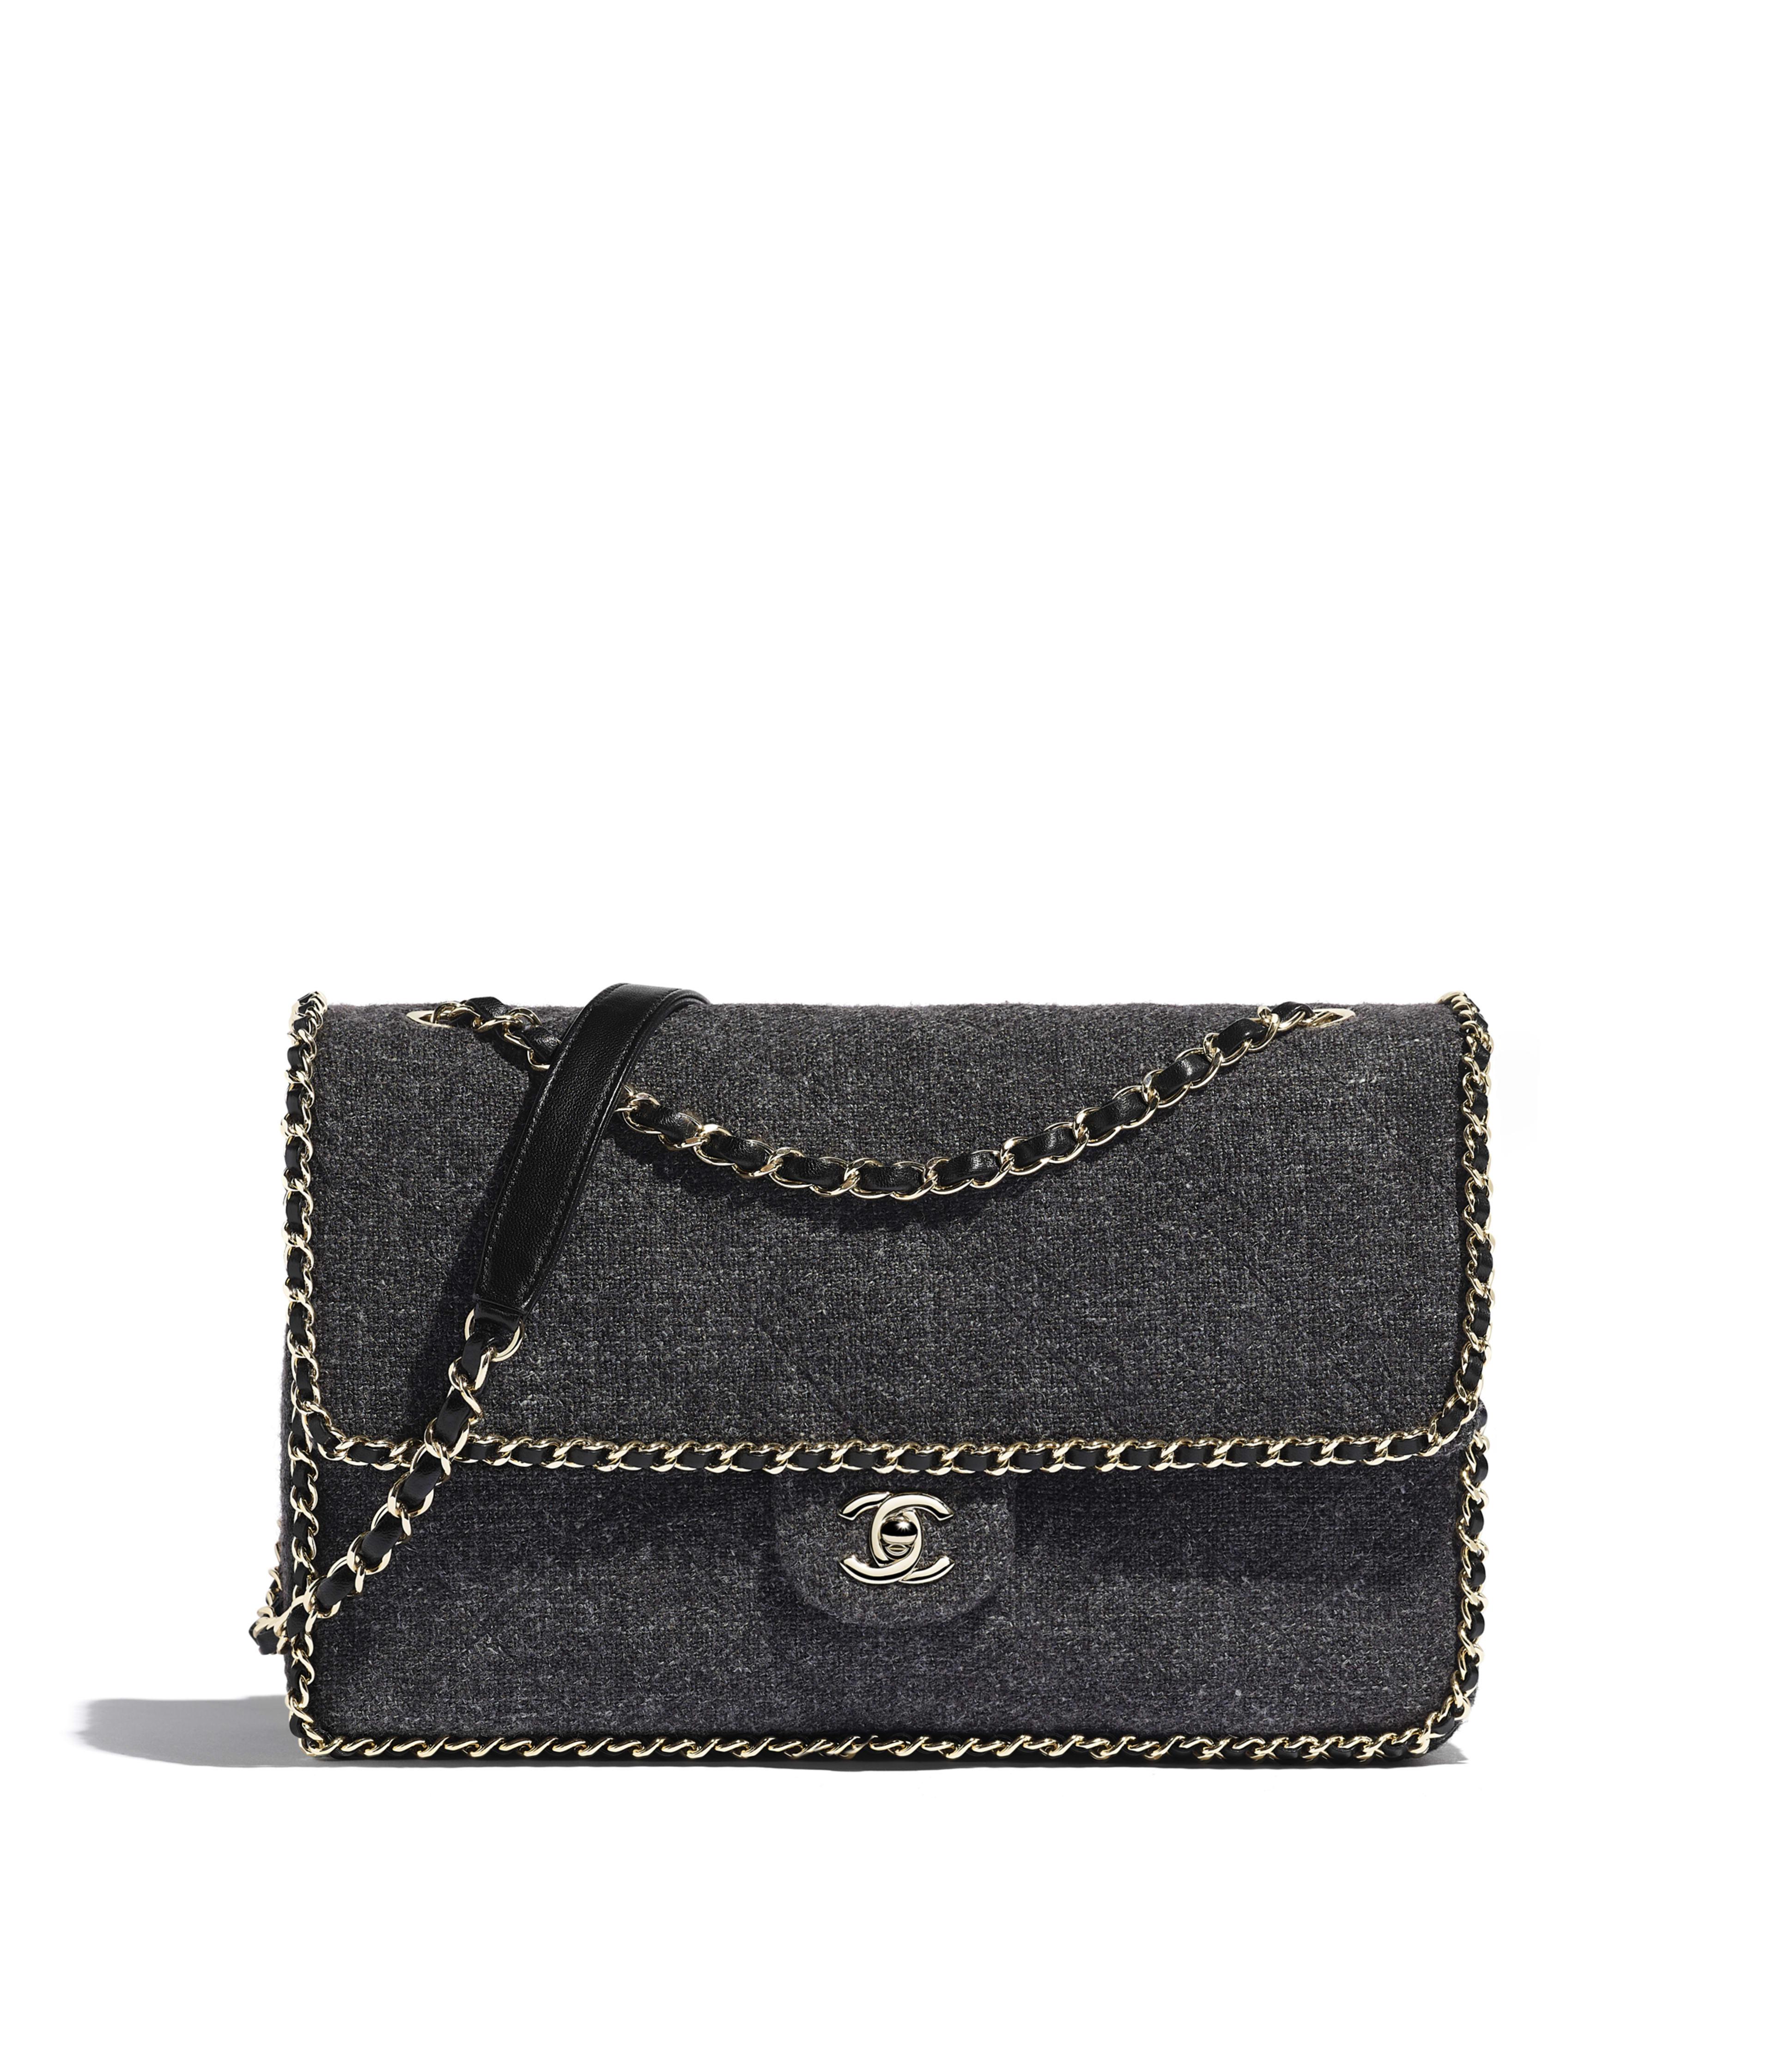 31ff93ae2d0 Handbags - Fashion | CHANEL